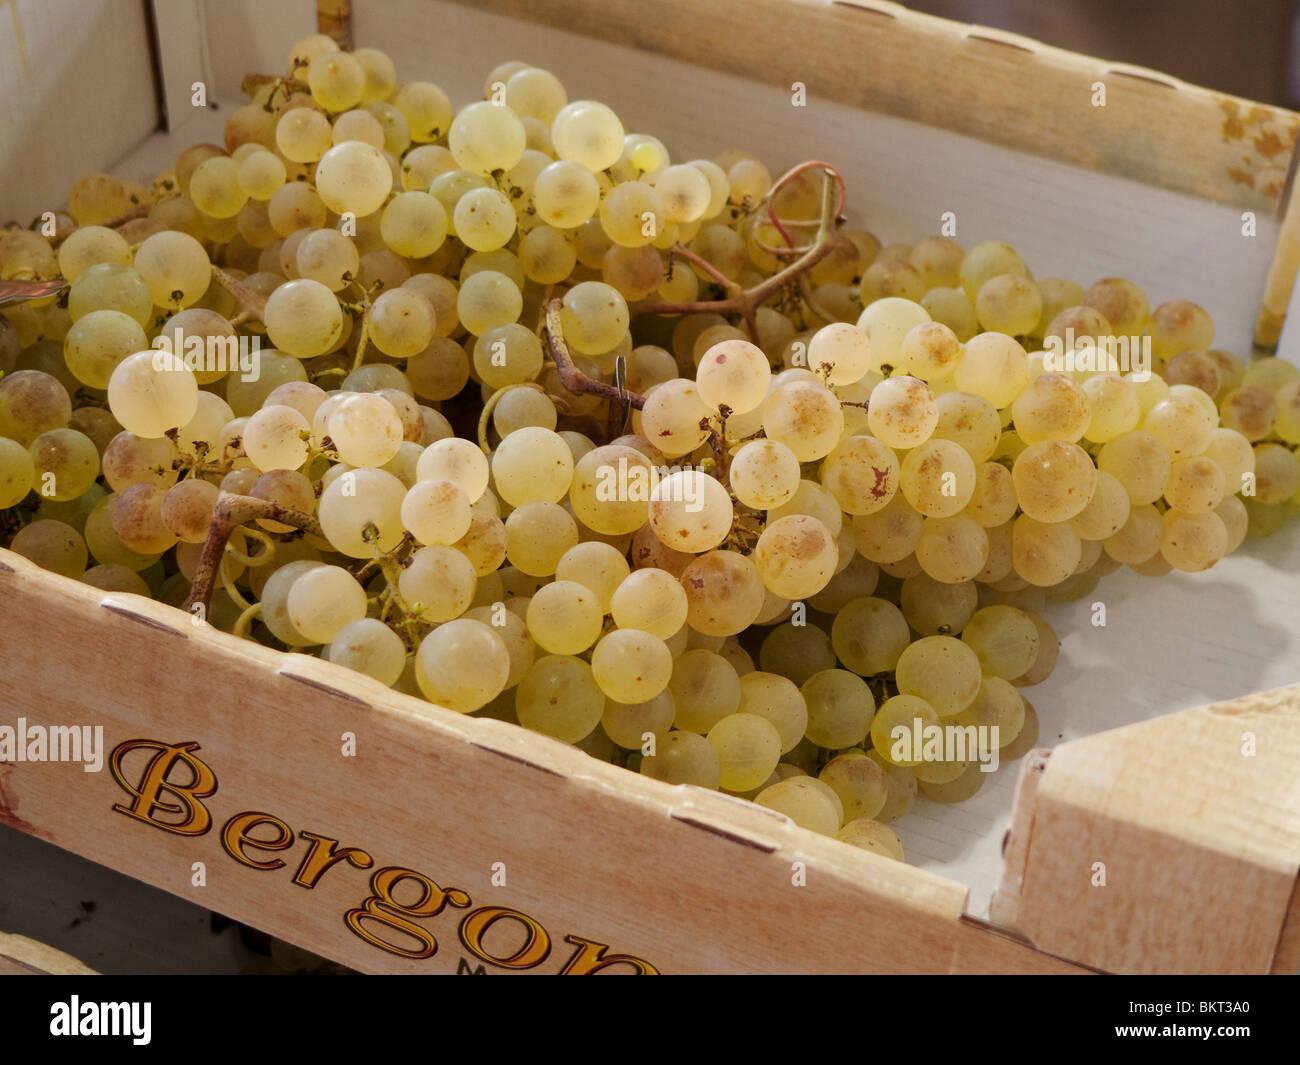 Uvas blancas en caja de madera para la venta. Imagen De Stock